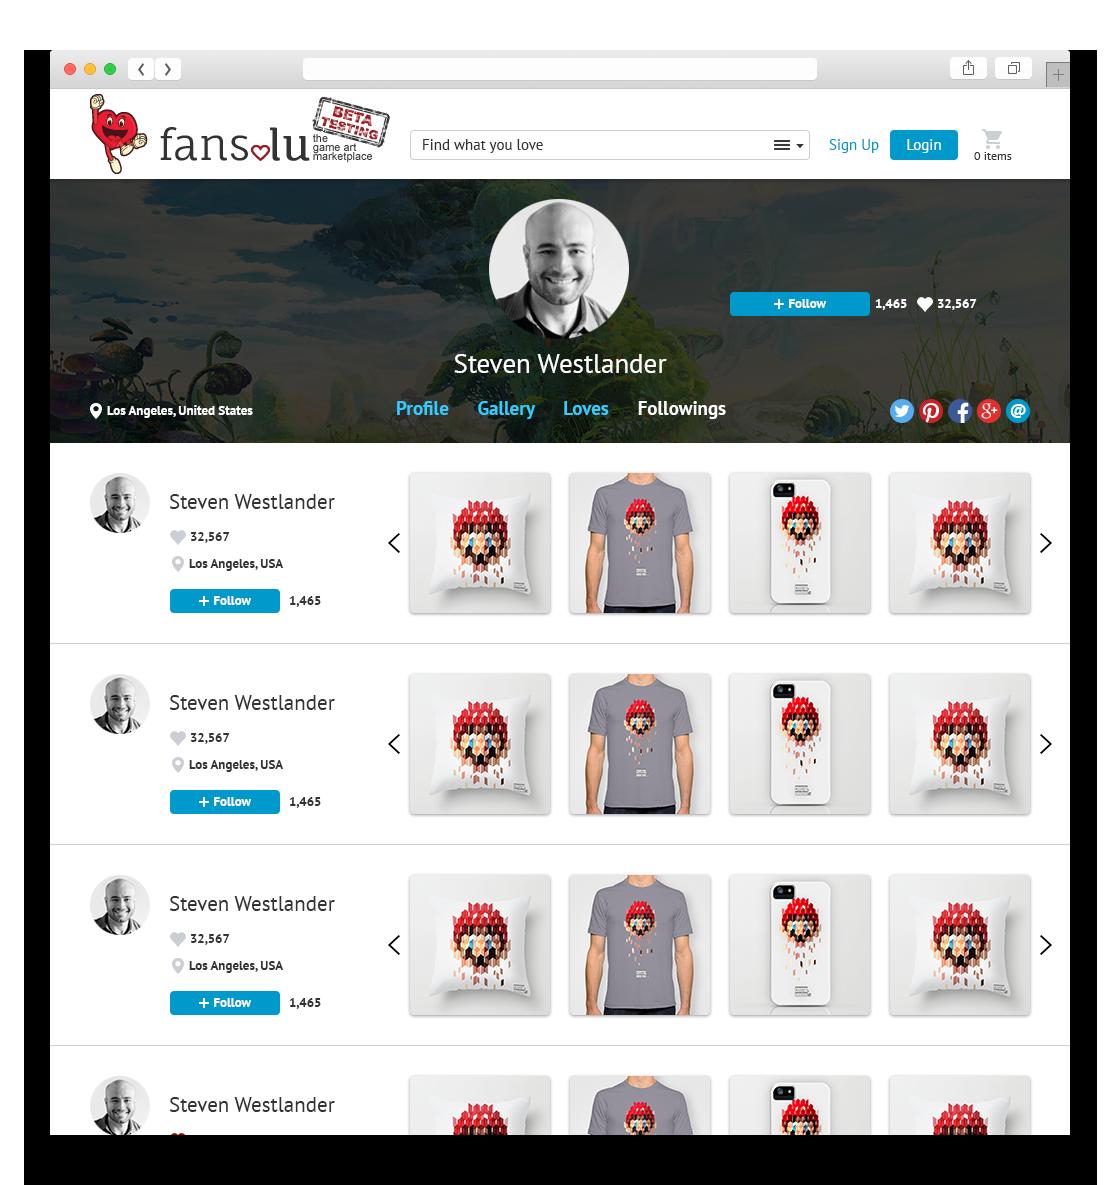 fanslu_mvp_artist_public_following_page